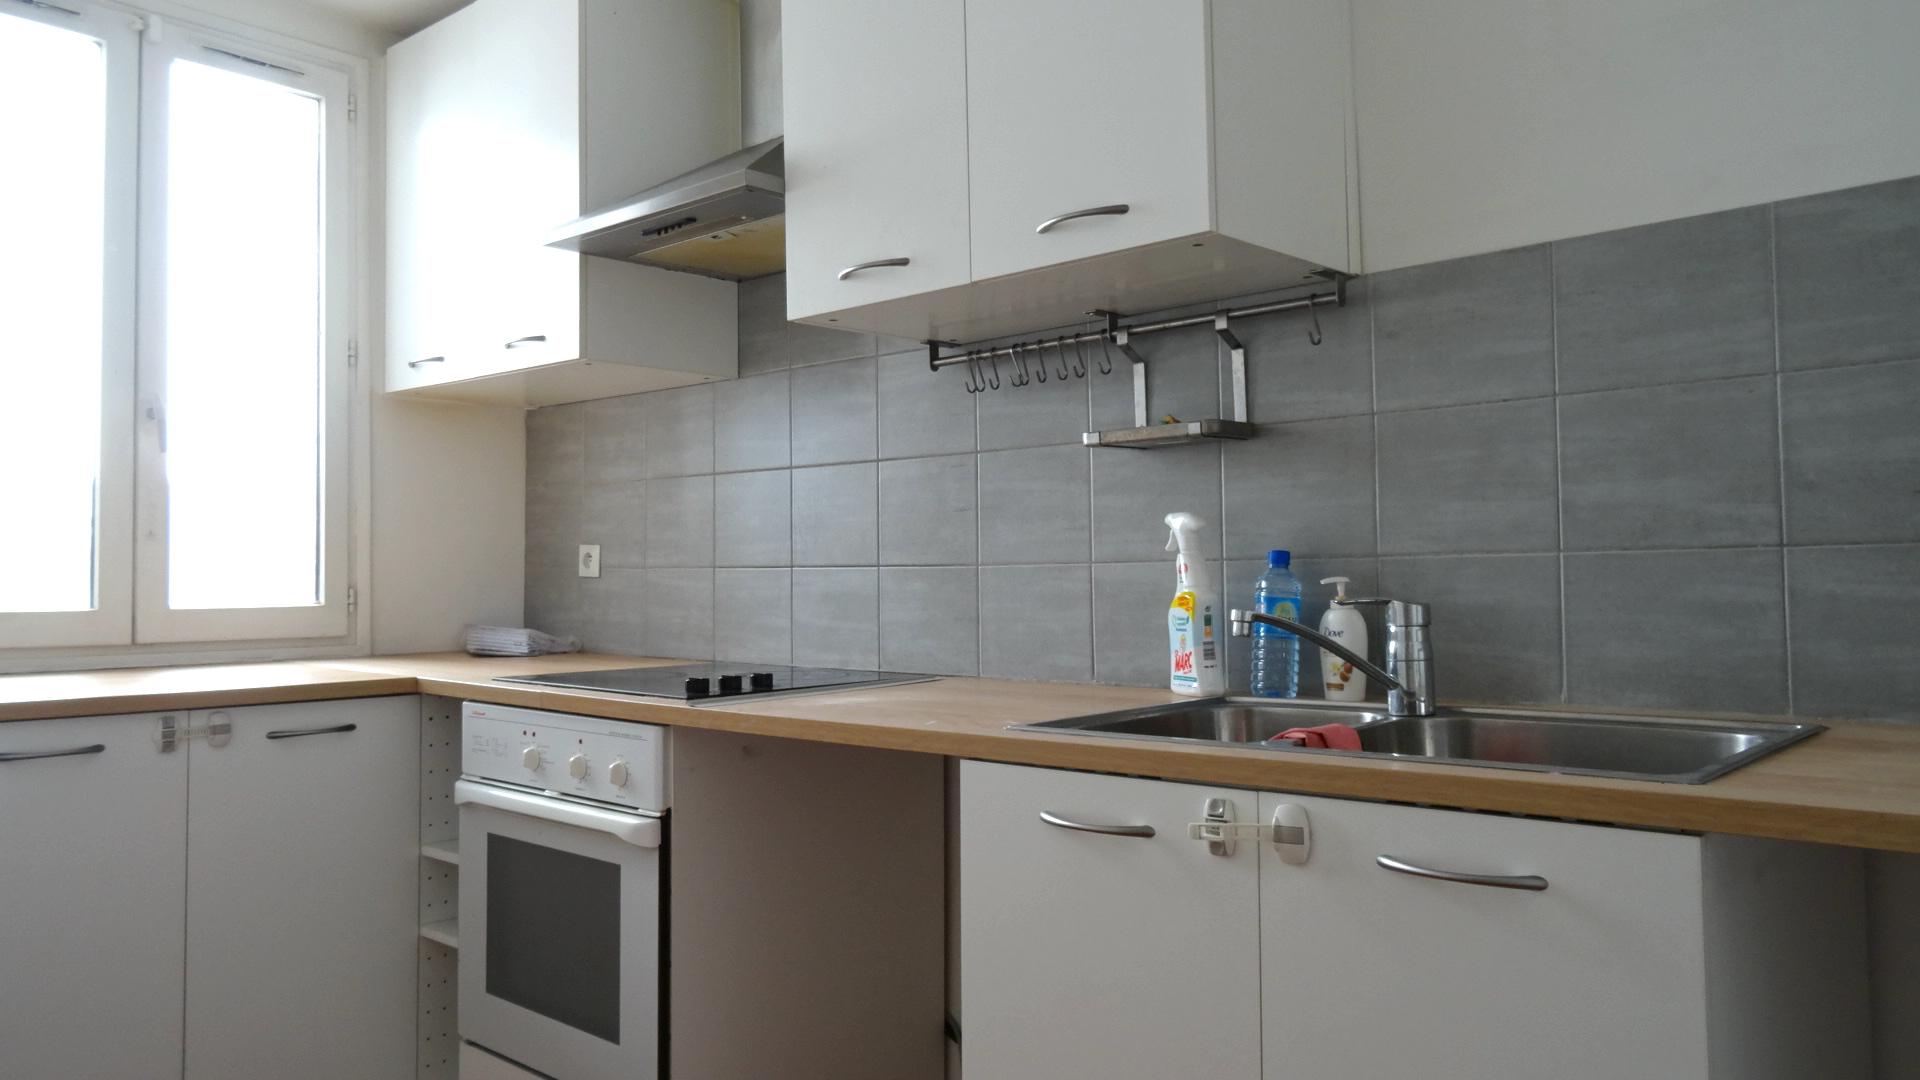 La-clef-des-villes-chasseur-immobilier-boulogne-billancourt-location-vente-appartement-photo-cuisine